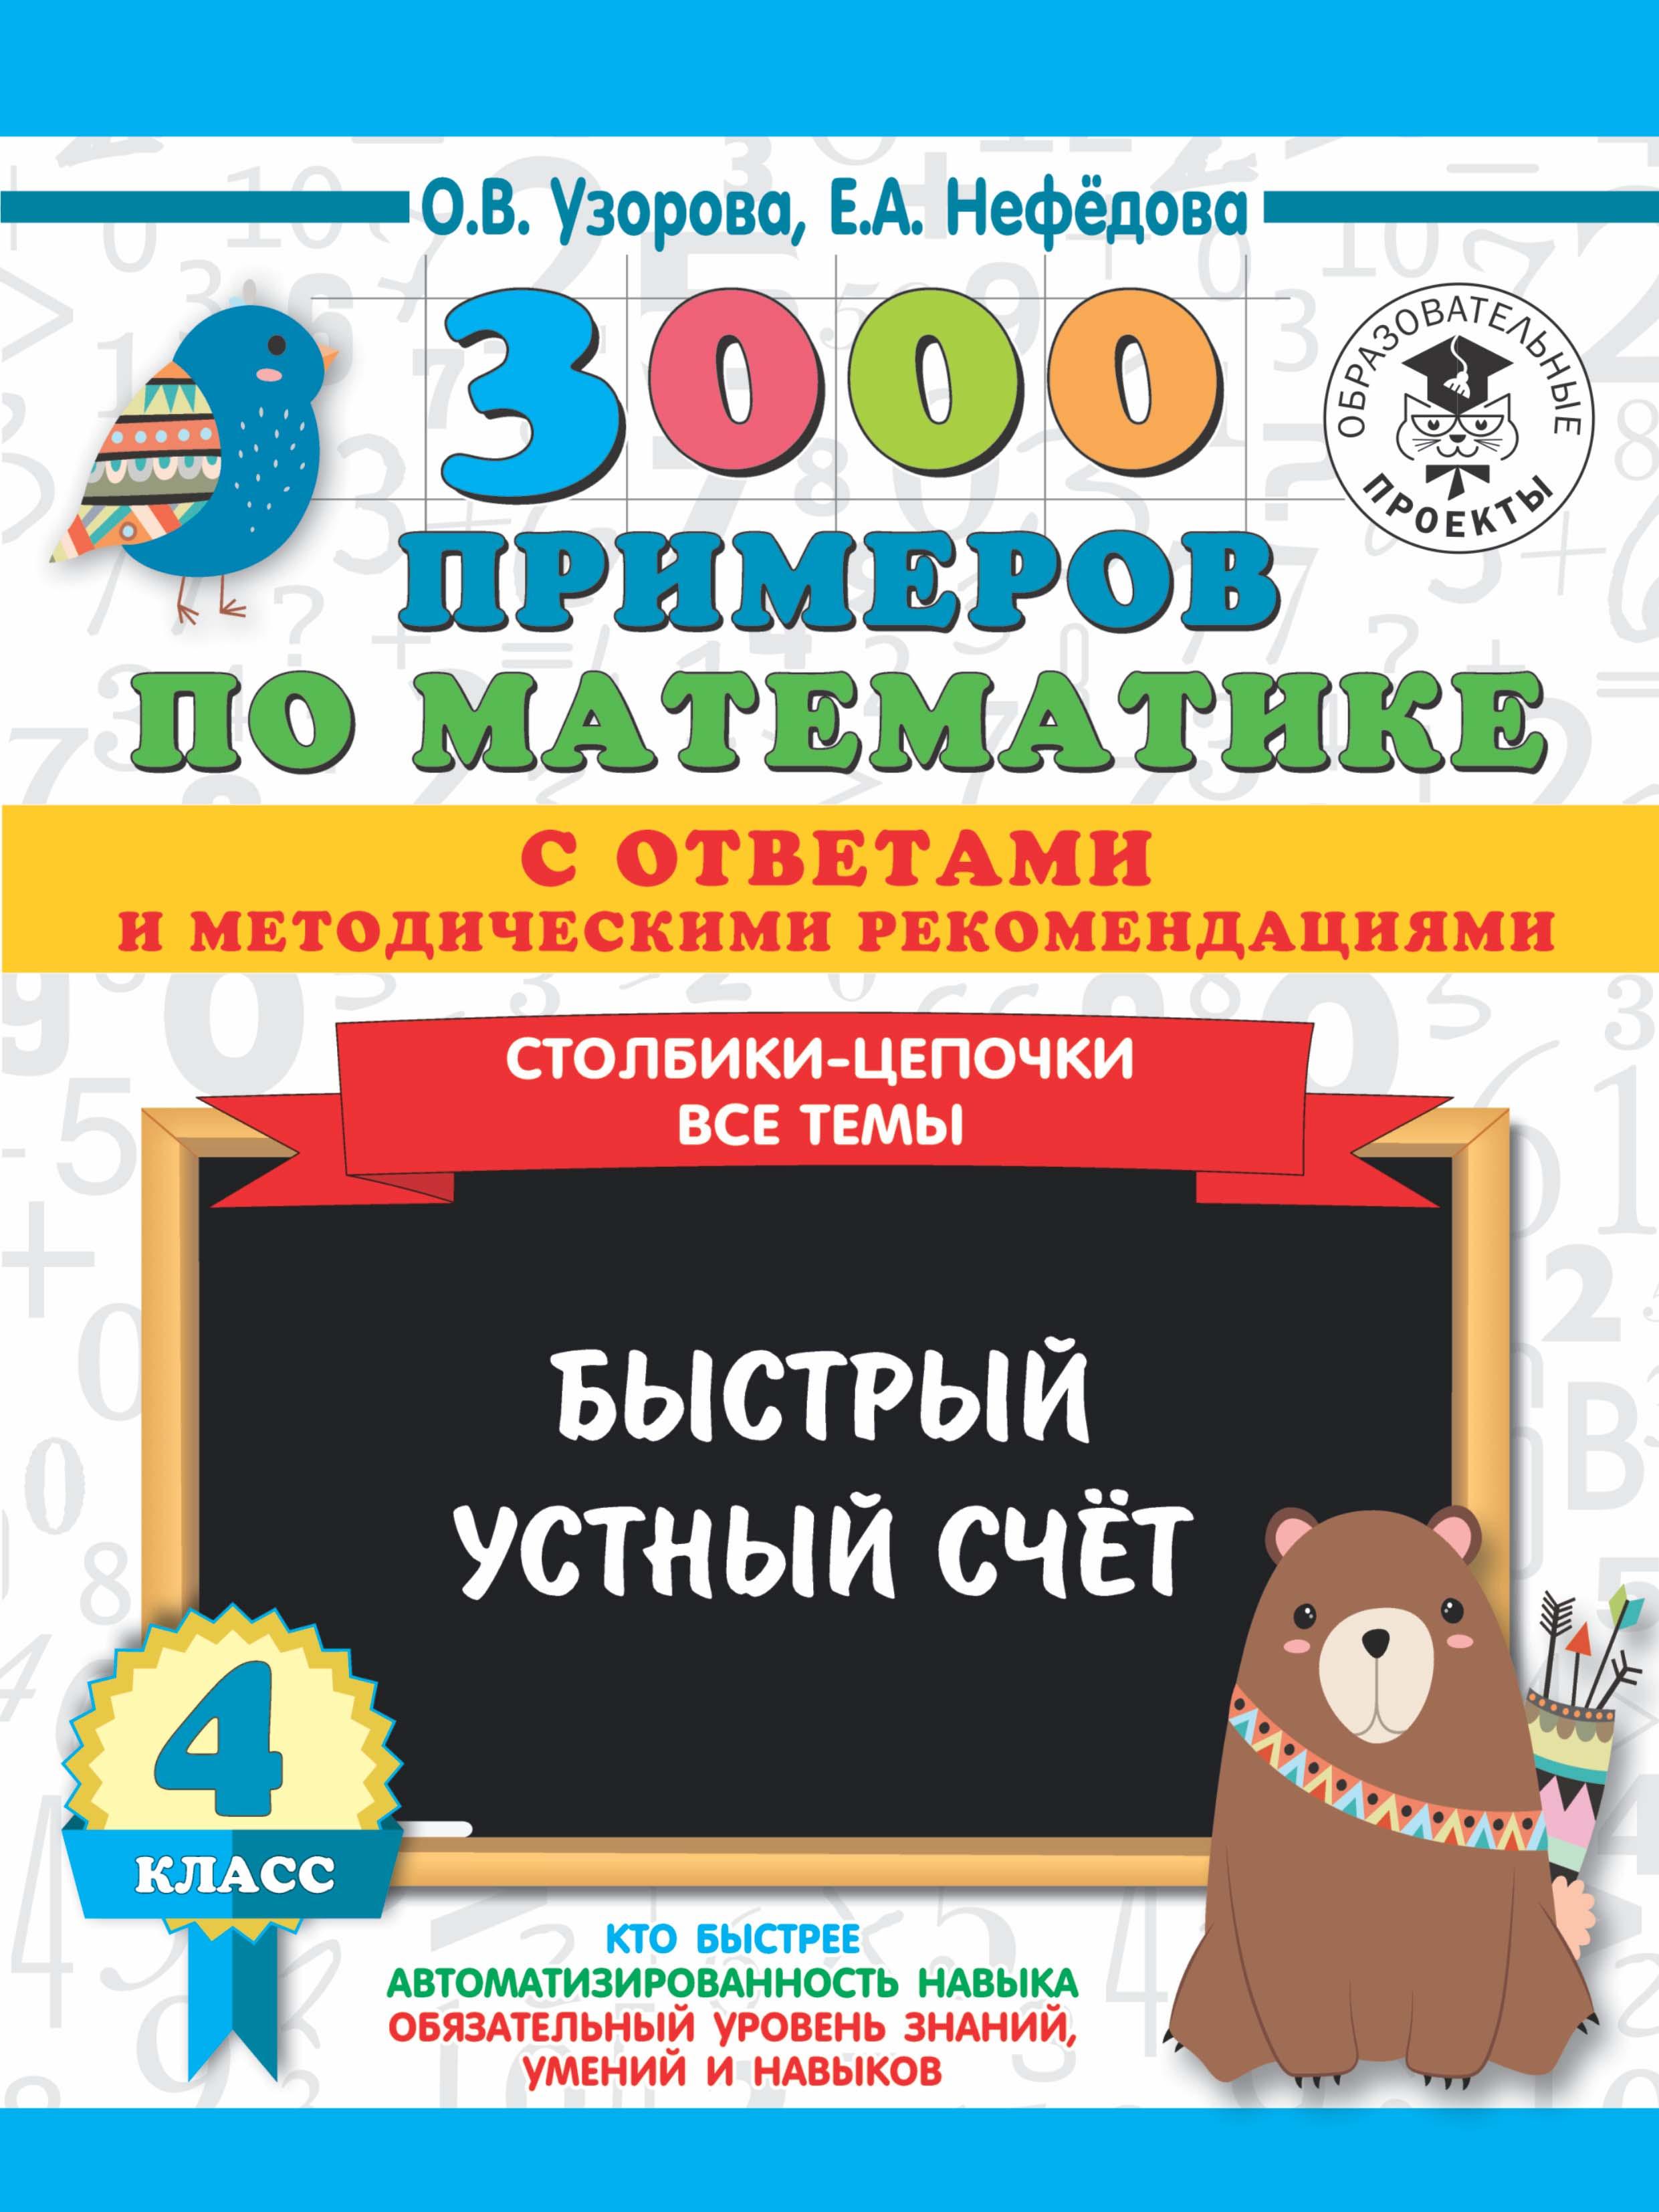 3000 примеров по математике с ответами и методическими рекомендациями. Столбики-цепочки. Все темы. Быстрый устный счёт. 4 класс